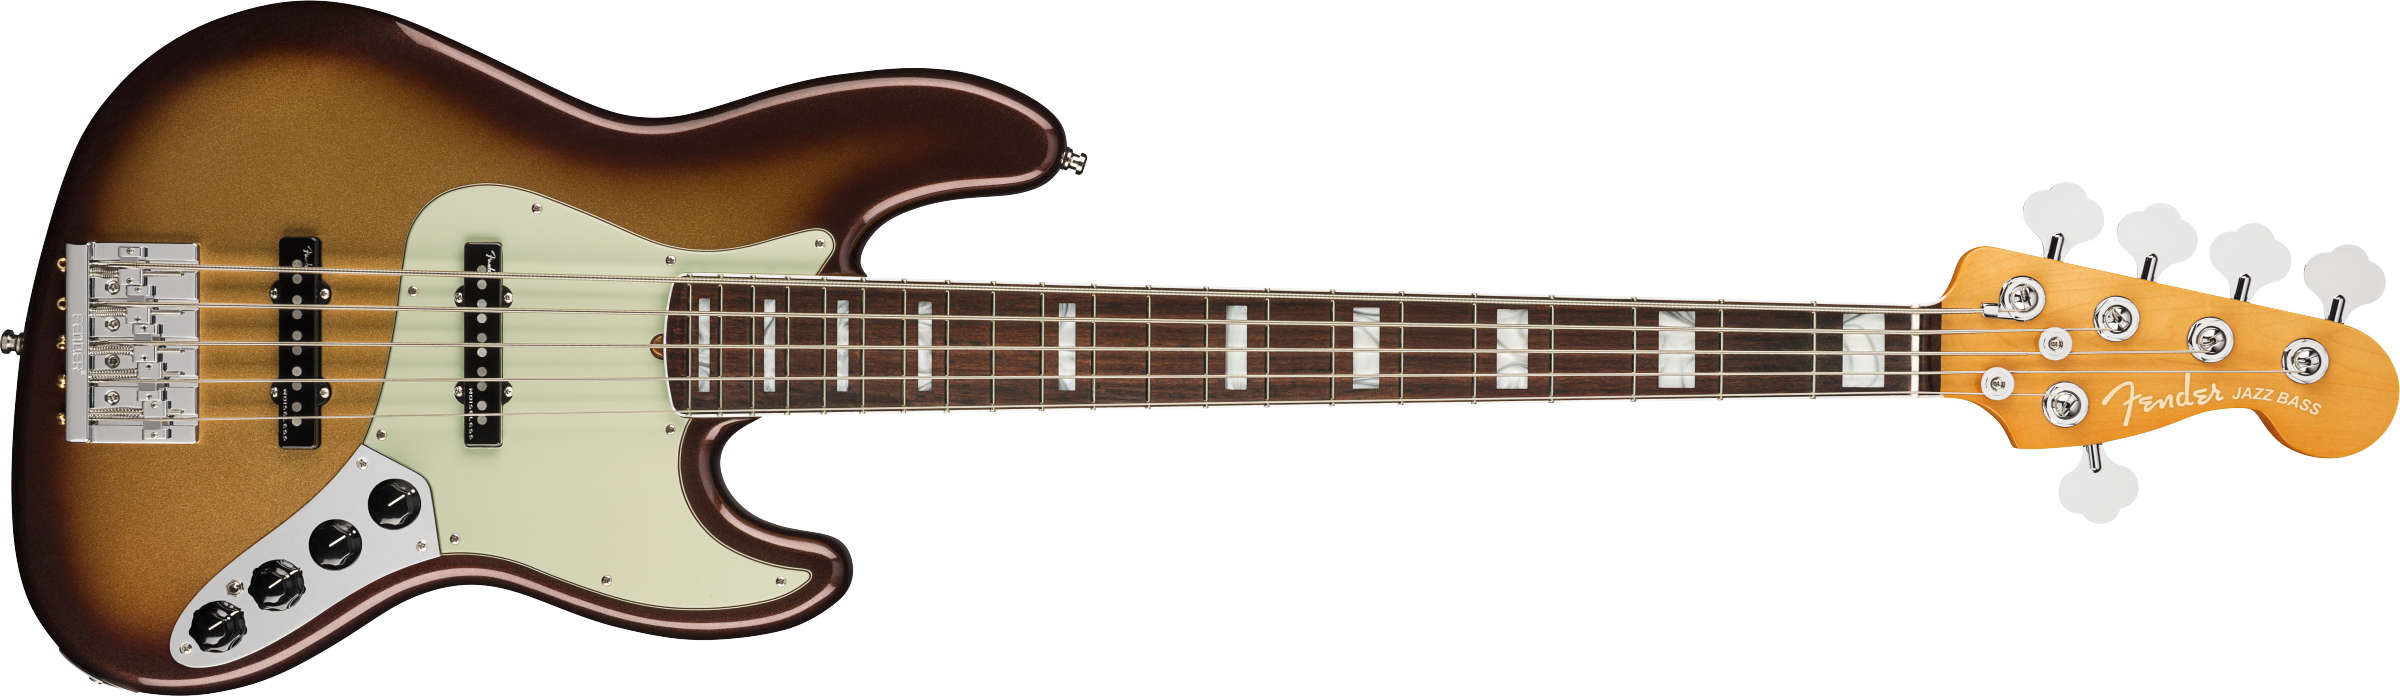 FENDER-American-Ultra-Jazz-Bass-V-Rosewood-Fingerboard-Mocha-Burst-sku-571004021